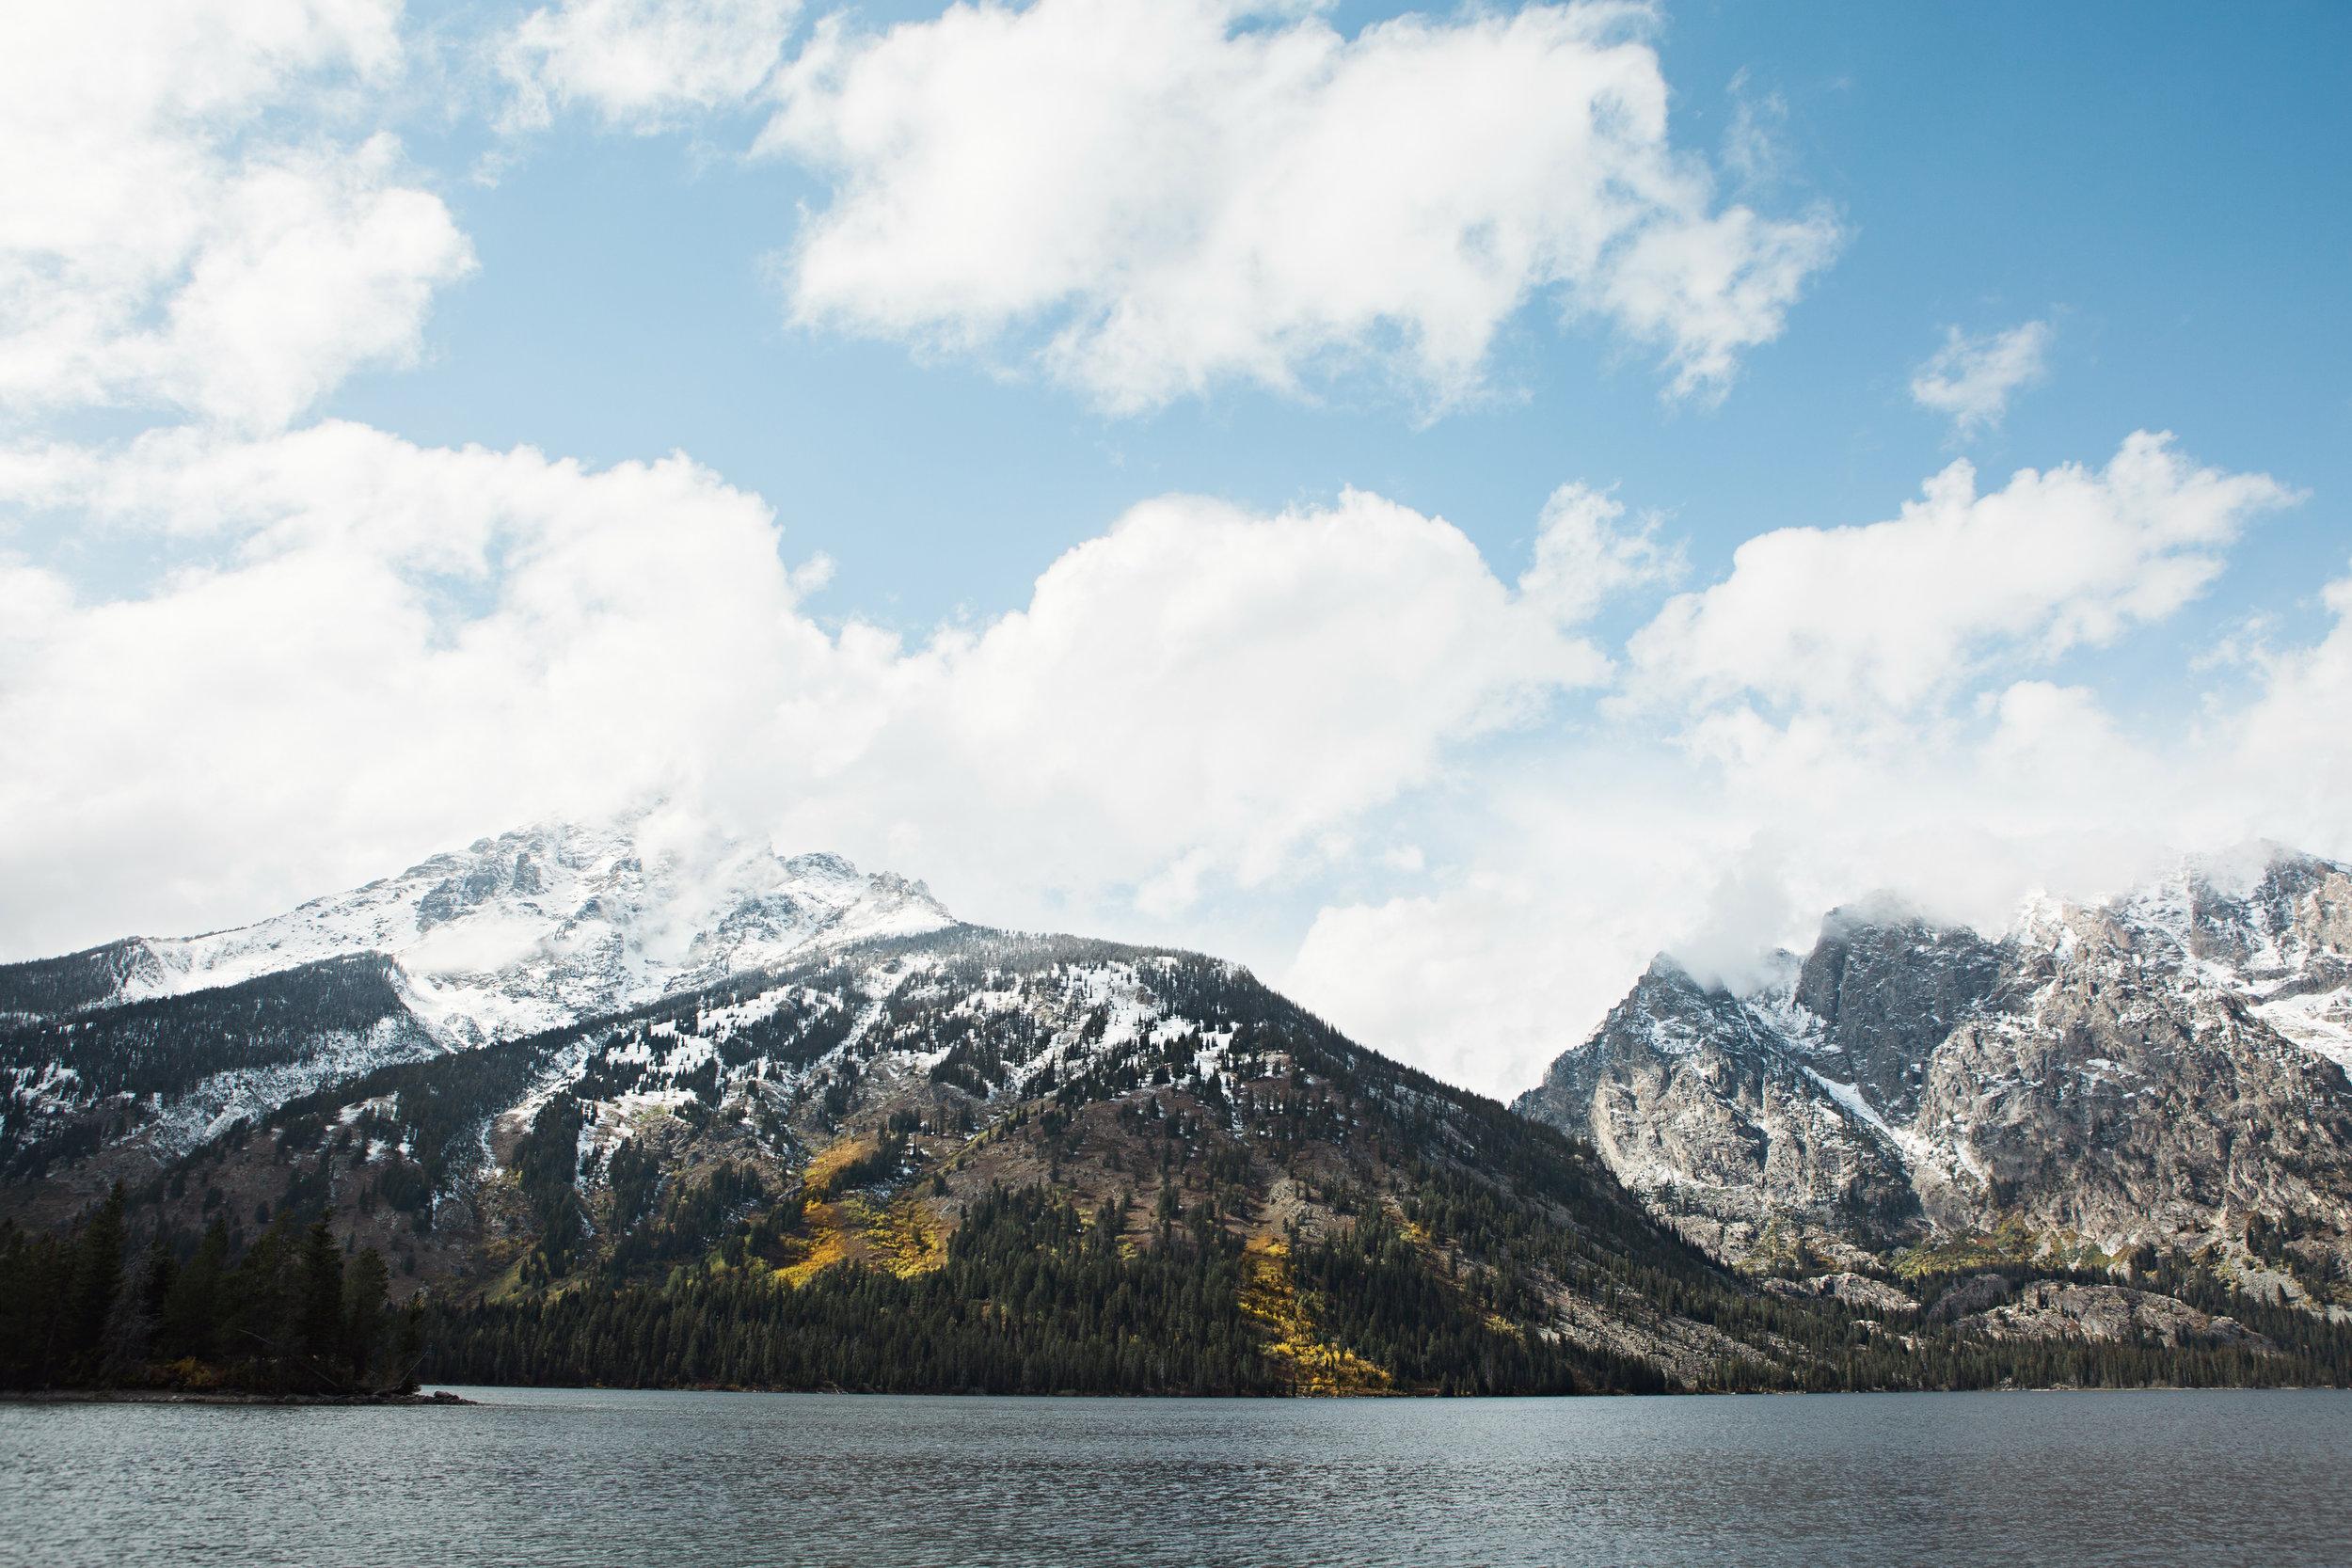 CindyGiovagnoli_Grand_Teton_National_Park_mountains_Bison_Autumn_Wyoming_Mormon_Row_aspens_fall_outdoor_photographer-020.jpg